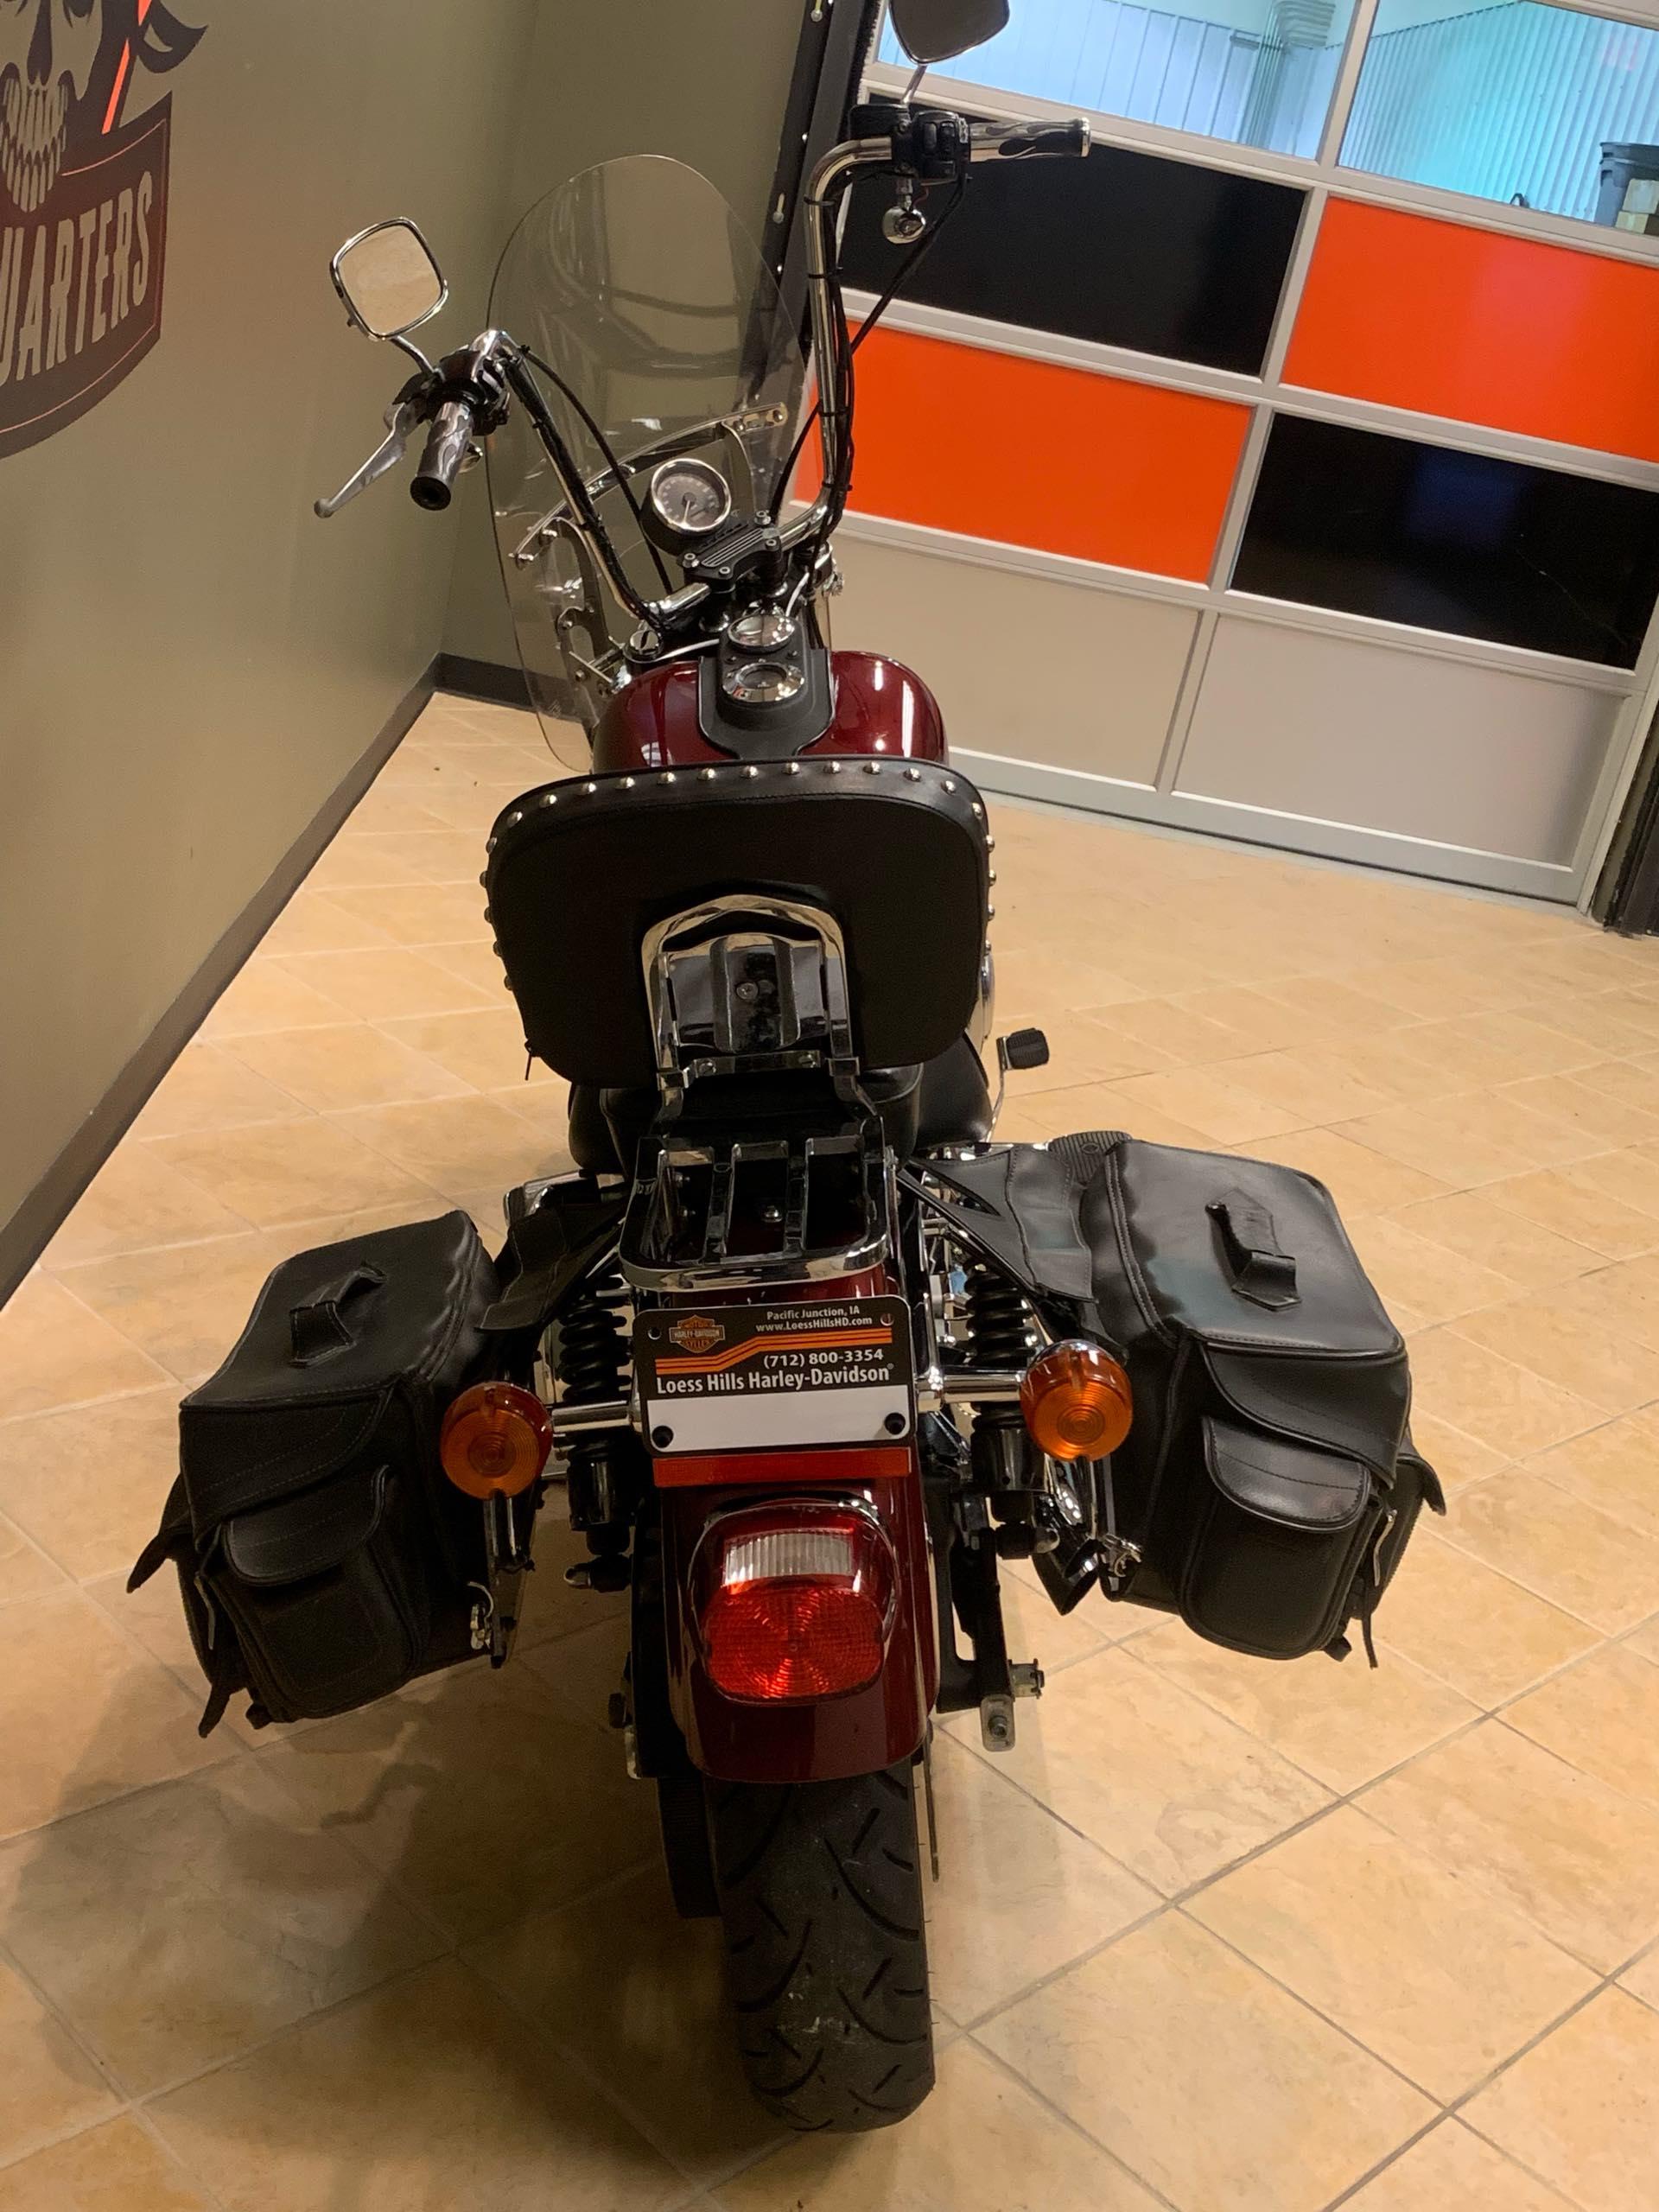 2001 Harley Davidson FXD at Loess Hills Harley-Davidson